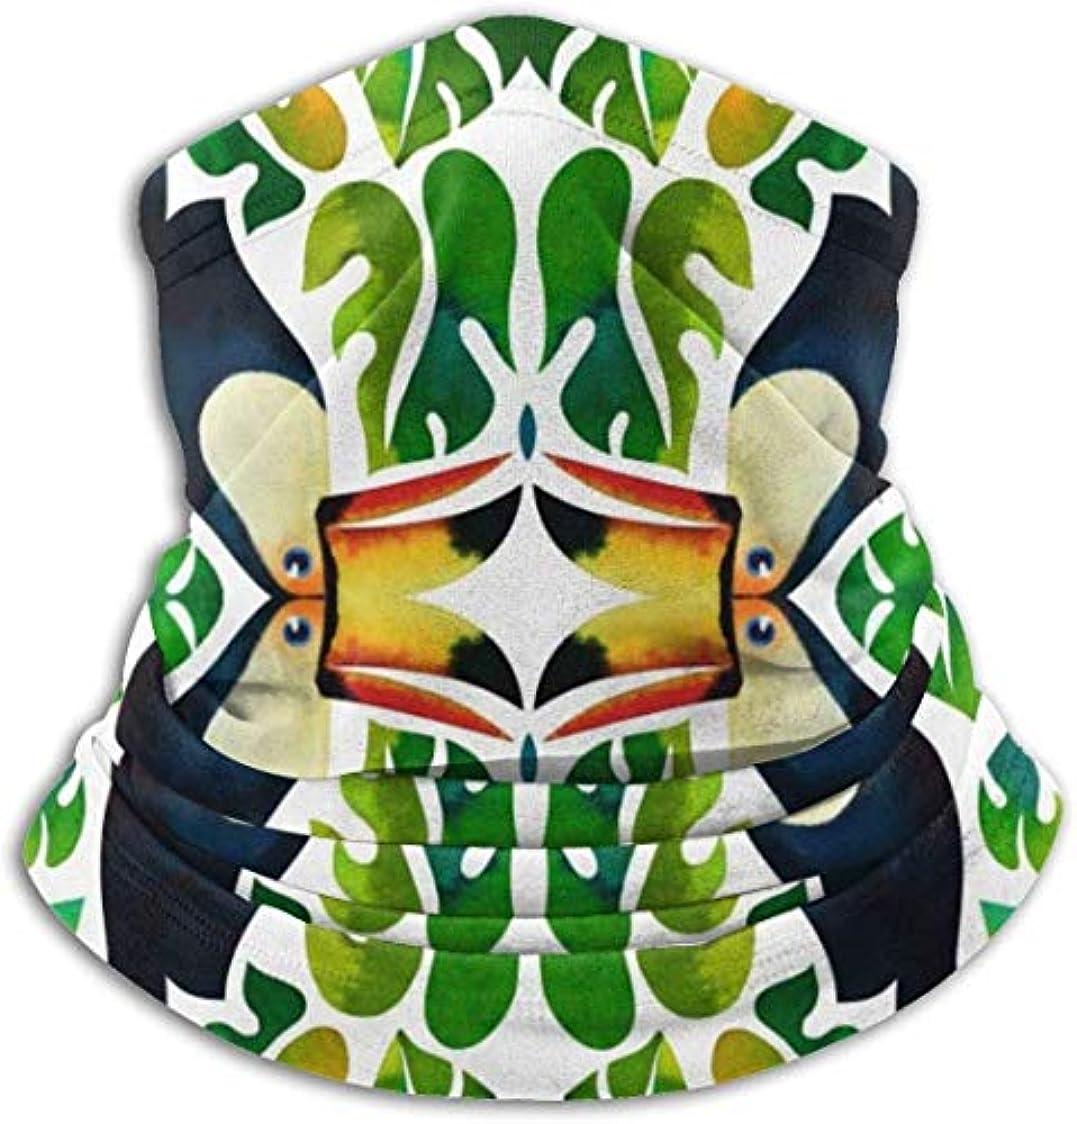 耕す特徴づける不確実モンステラと水彩オオハシ葉白 ネック暖かいスカーフ サーマルネックスカーフ マイクロファイバーネックウォーマー ネックウォーマー マフラー 帽子 ヘッドバンド 秋冬 防寒 防風 キャップ 多機能 ネック ゲーター 男女兼用